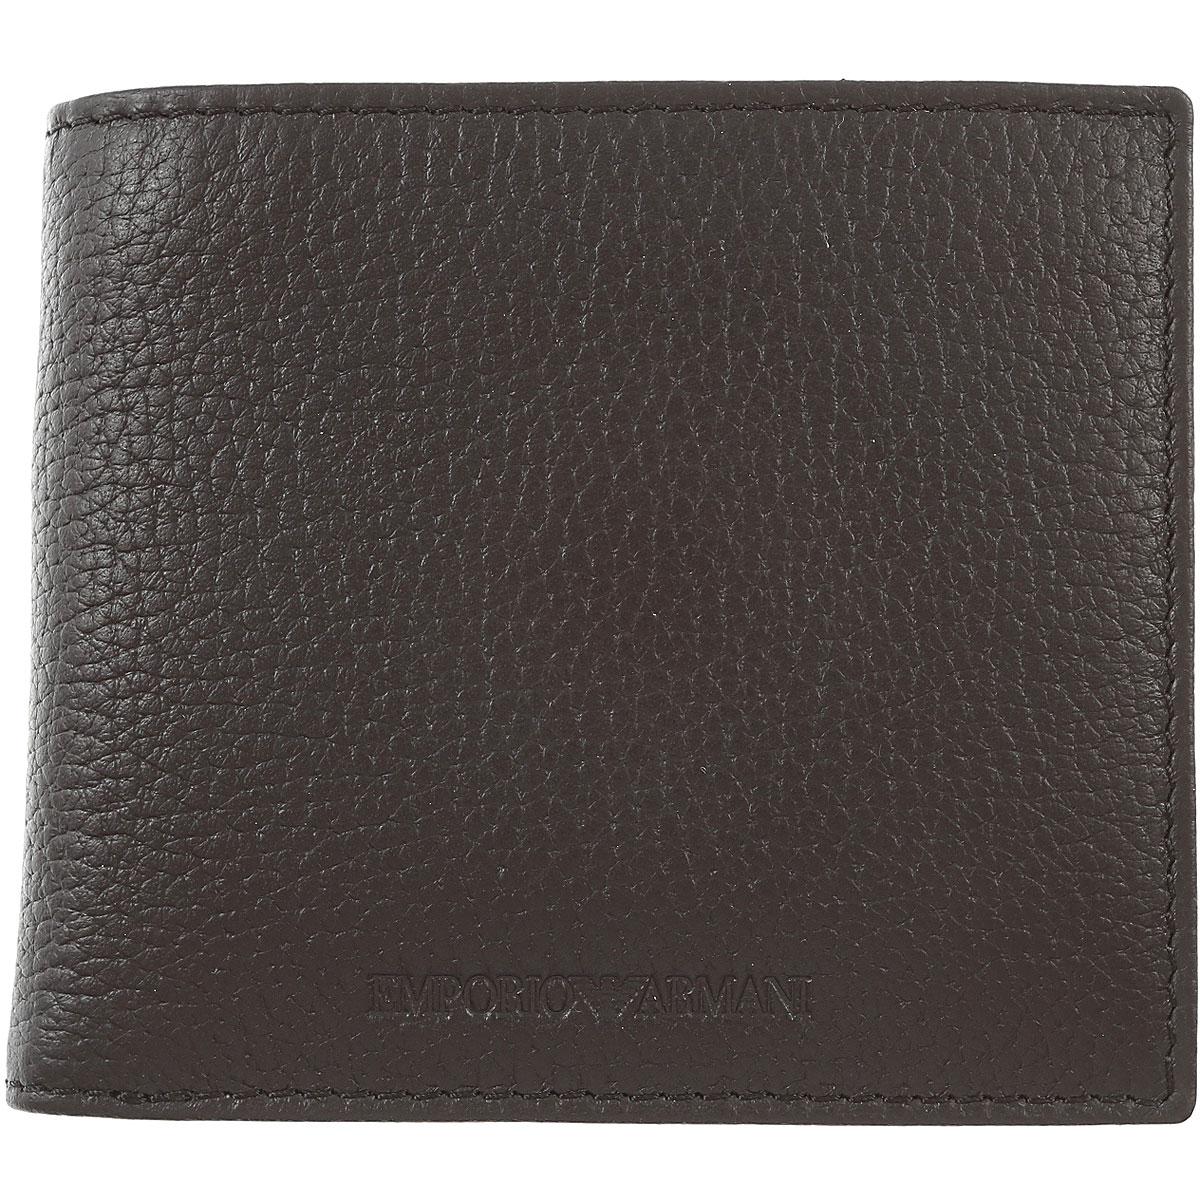 790ff4b0ed Emporio Armani. Wallets   Accessories for Men